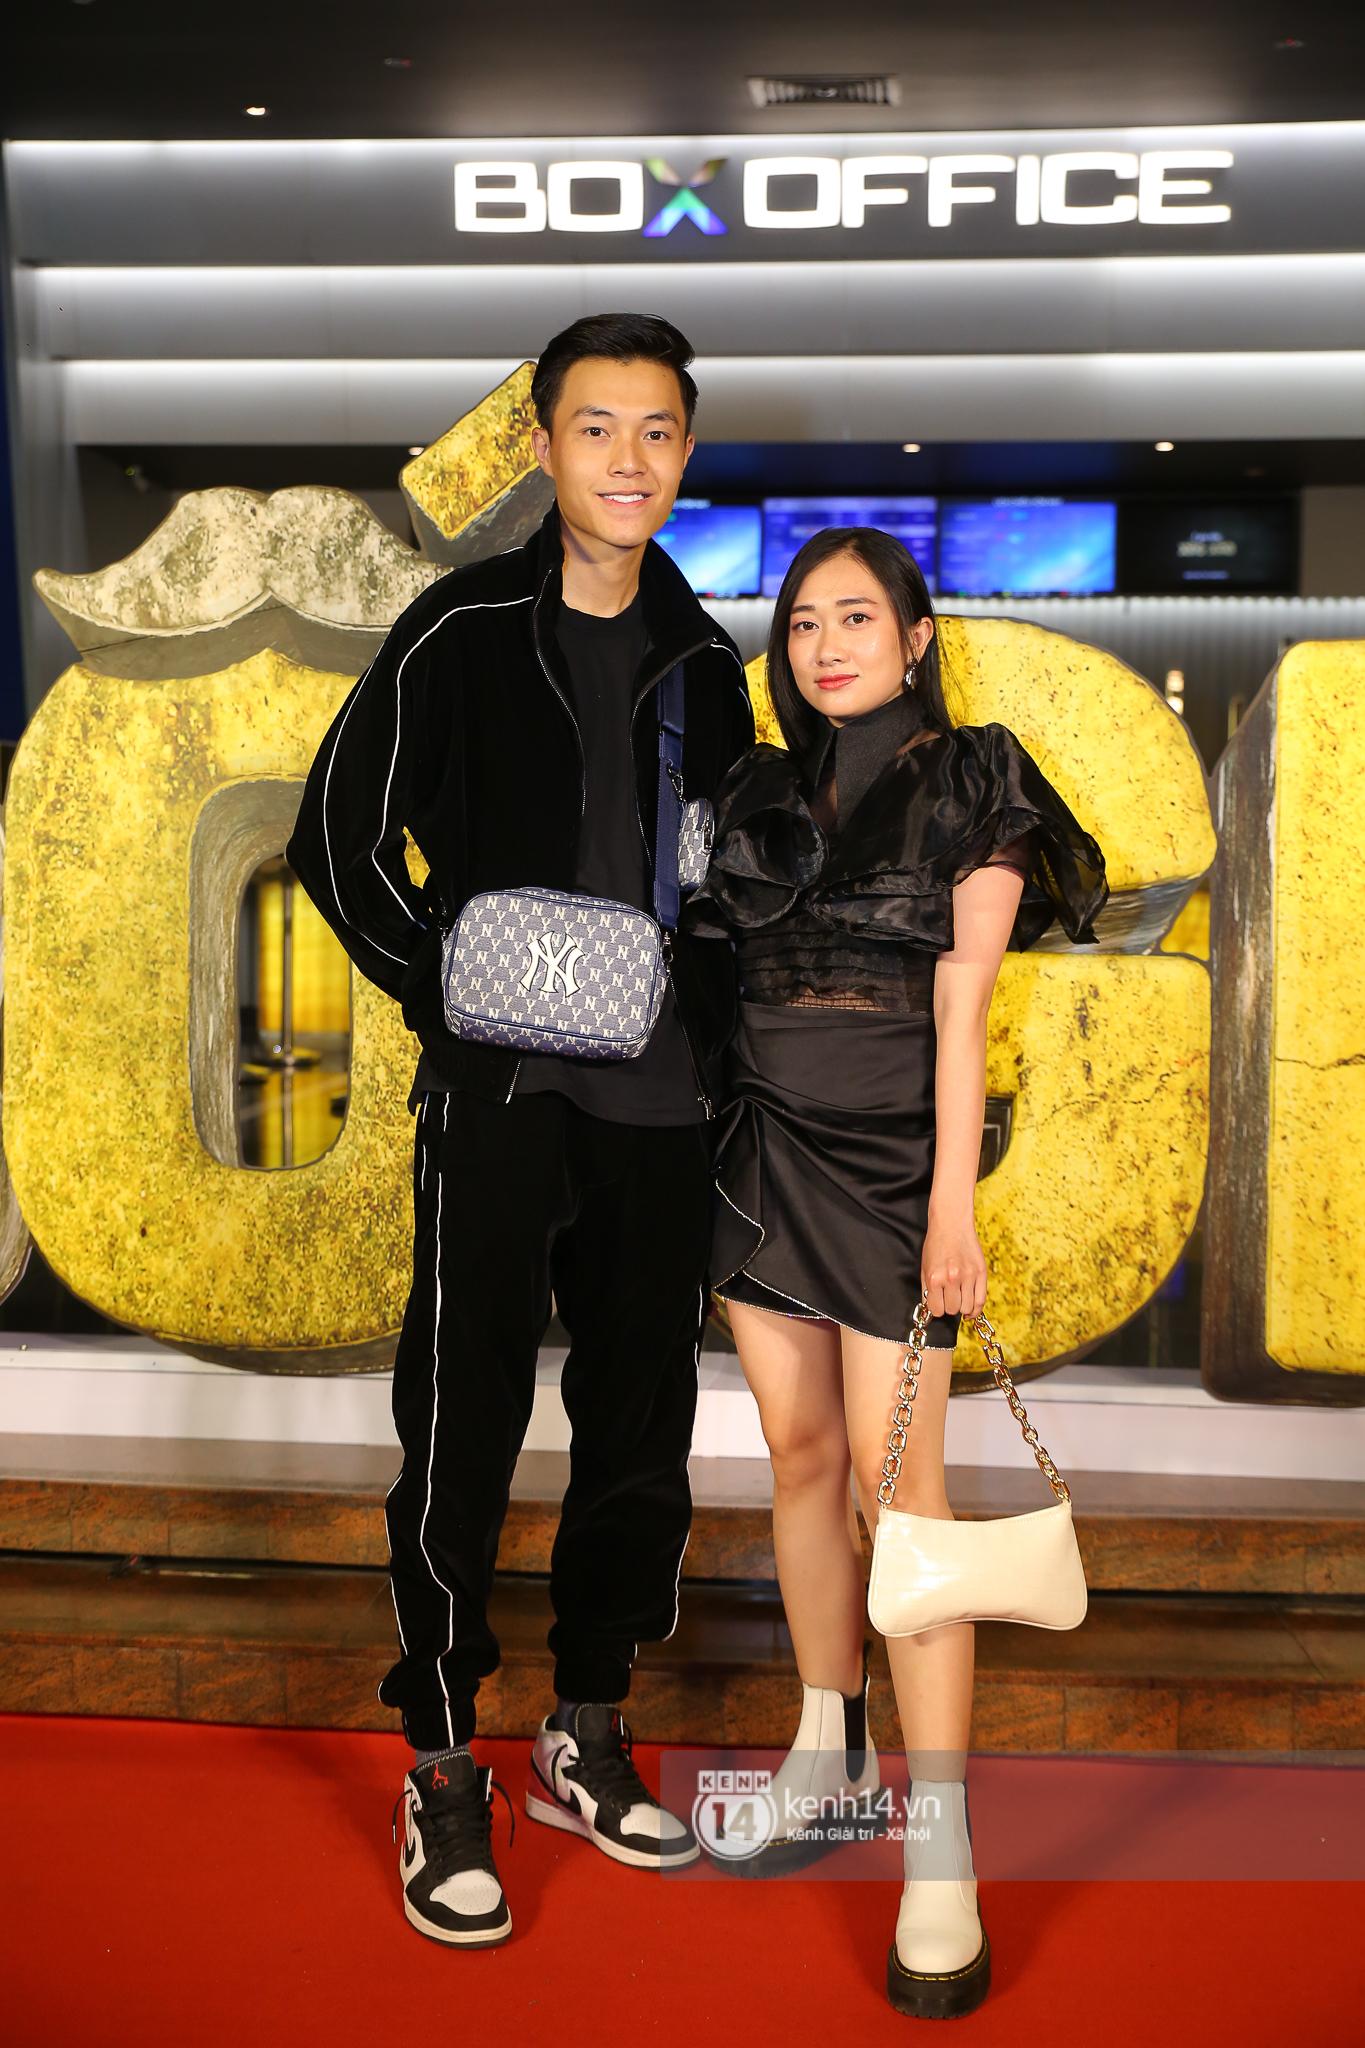 Cặp đôi nhà Đông Nhi, Lệ Quyên thi nhau show ân ái không kém cạnh Trấn Thành - Hariwon ở siêu thảm đỏ Bố Già - Ảnh 28.